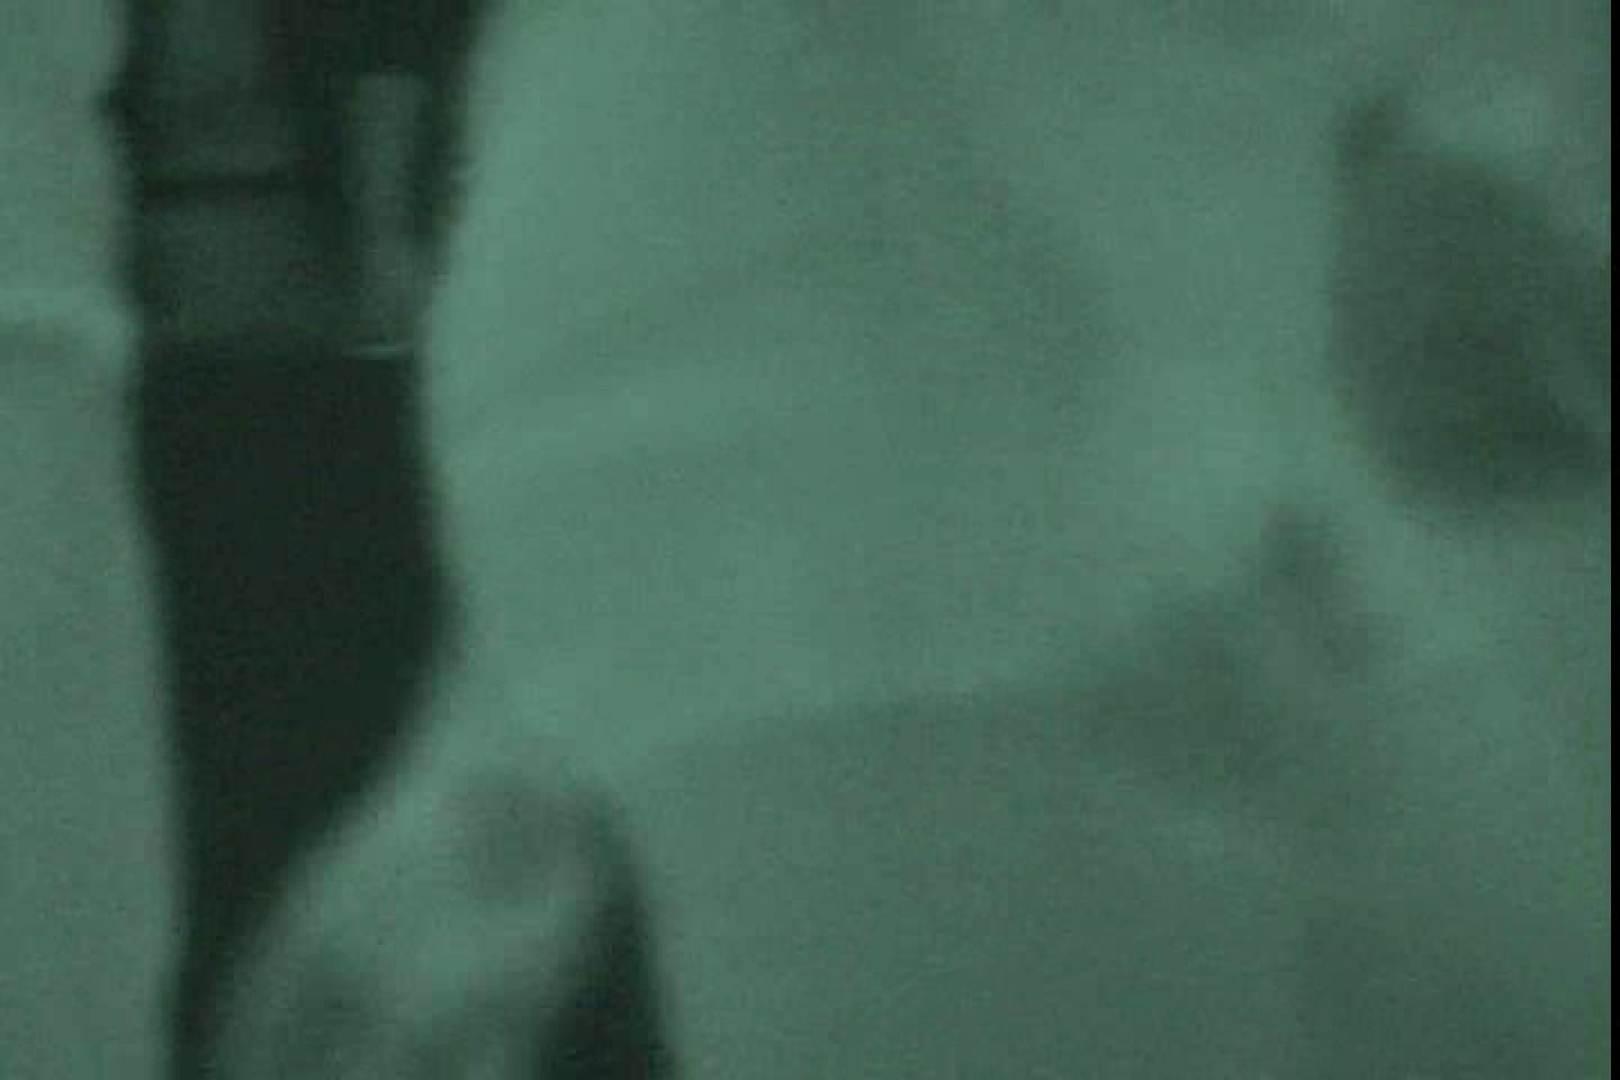 赤外線ムレスケバレー(汗) vol.02 赤外線 セックス無修正動画無料 93pic 17